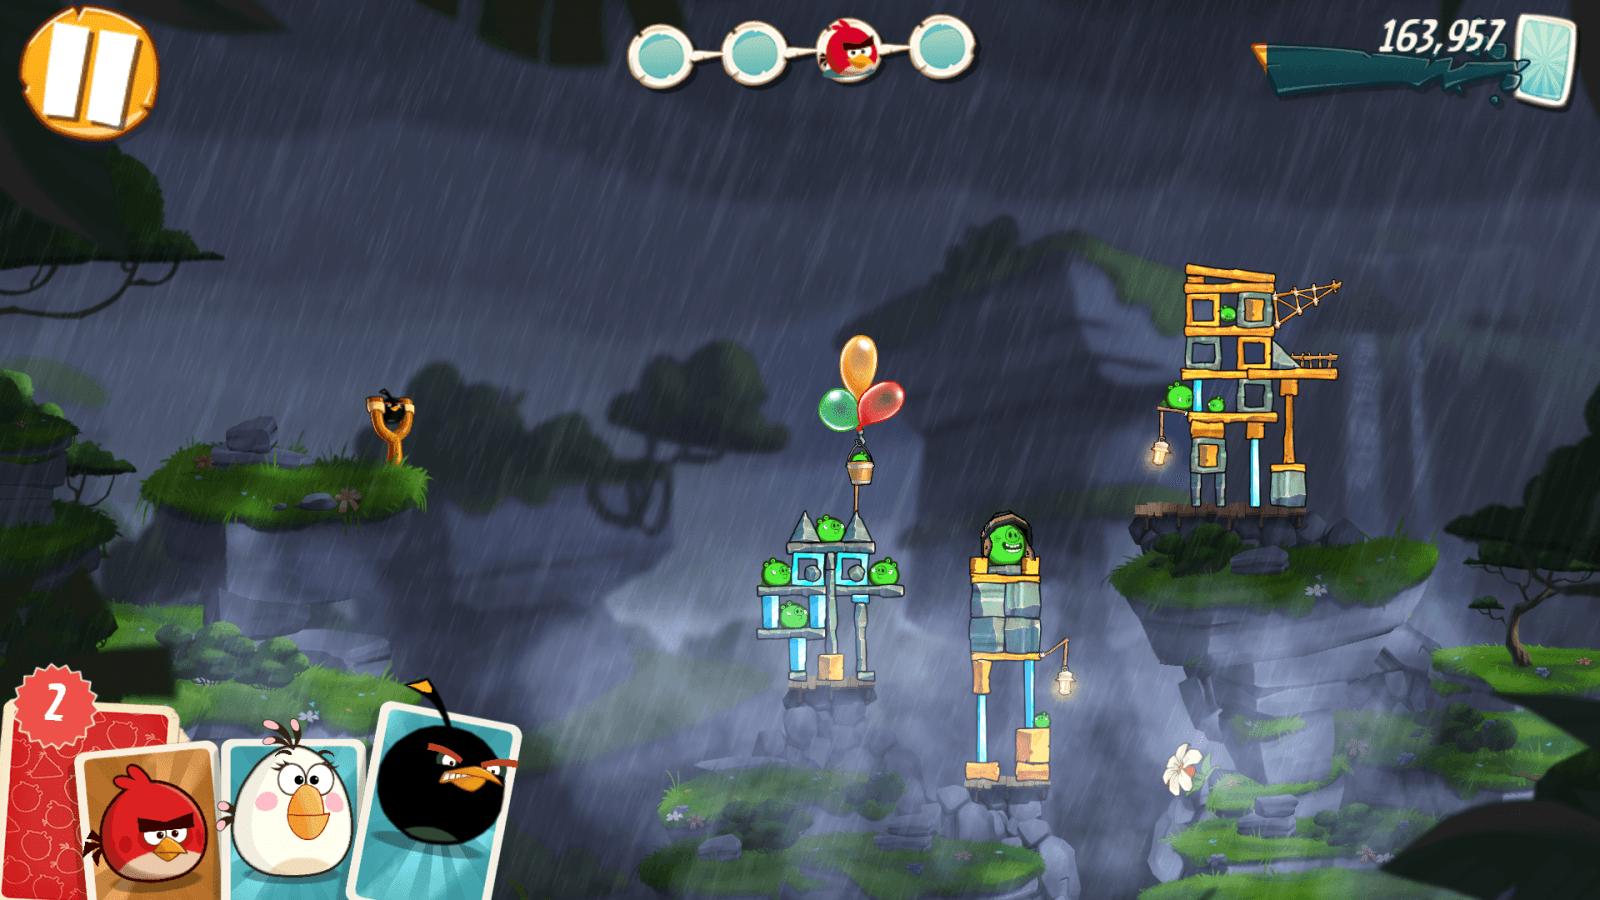 Screenshot 2015 08 24 02 48 21 - Прохождение боссов Angry Birds 2, часть 3